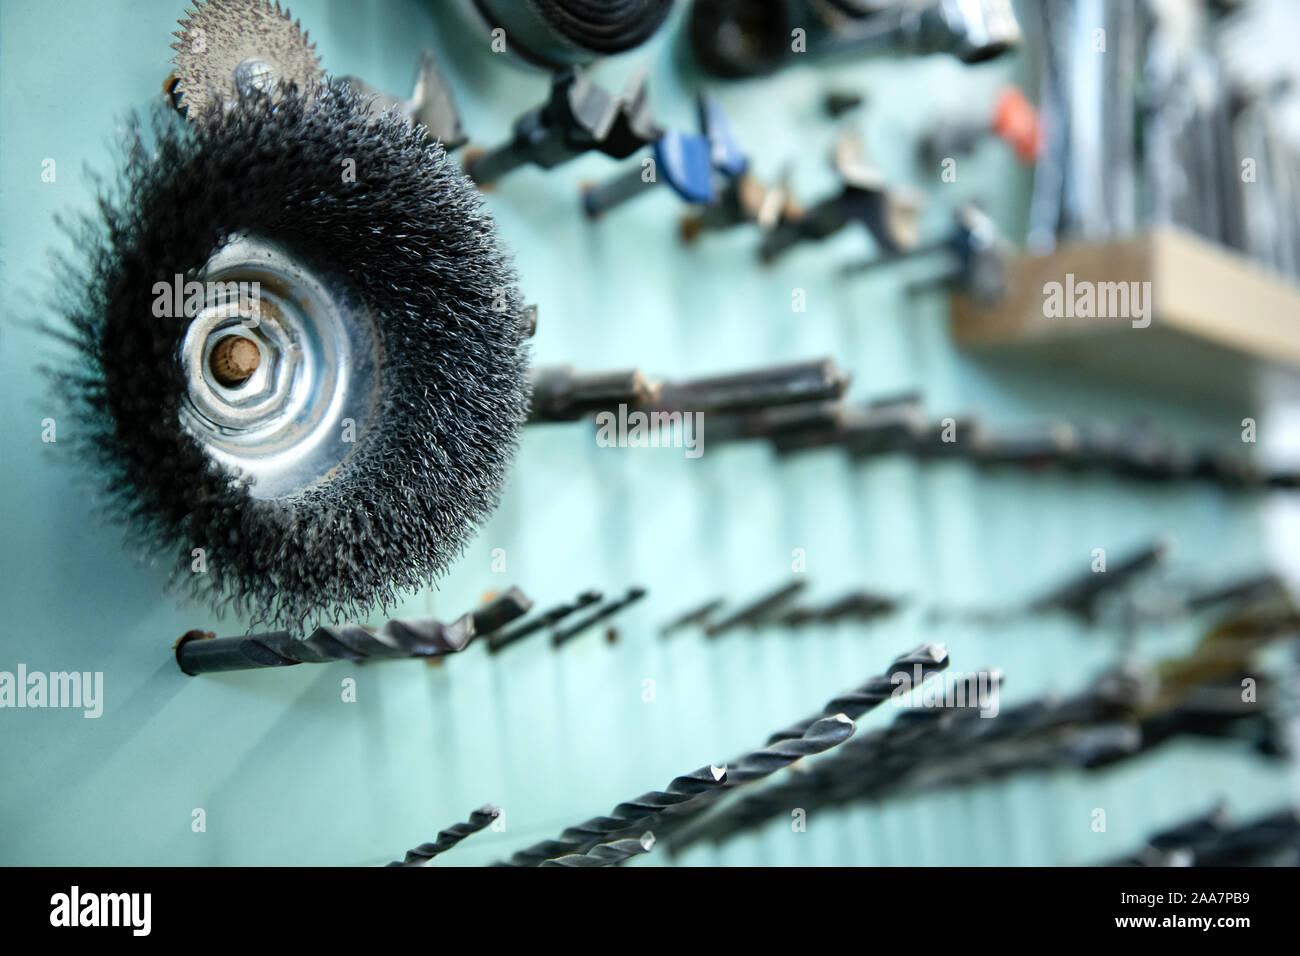 Perfettamente organizzata selezione di utensili per la lavorazione del legno su una parete in un laboratorio di falegnameria in una vista ravvicinata sulle punte da trapano Foto Stock